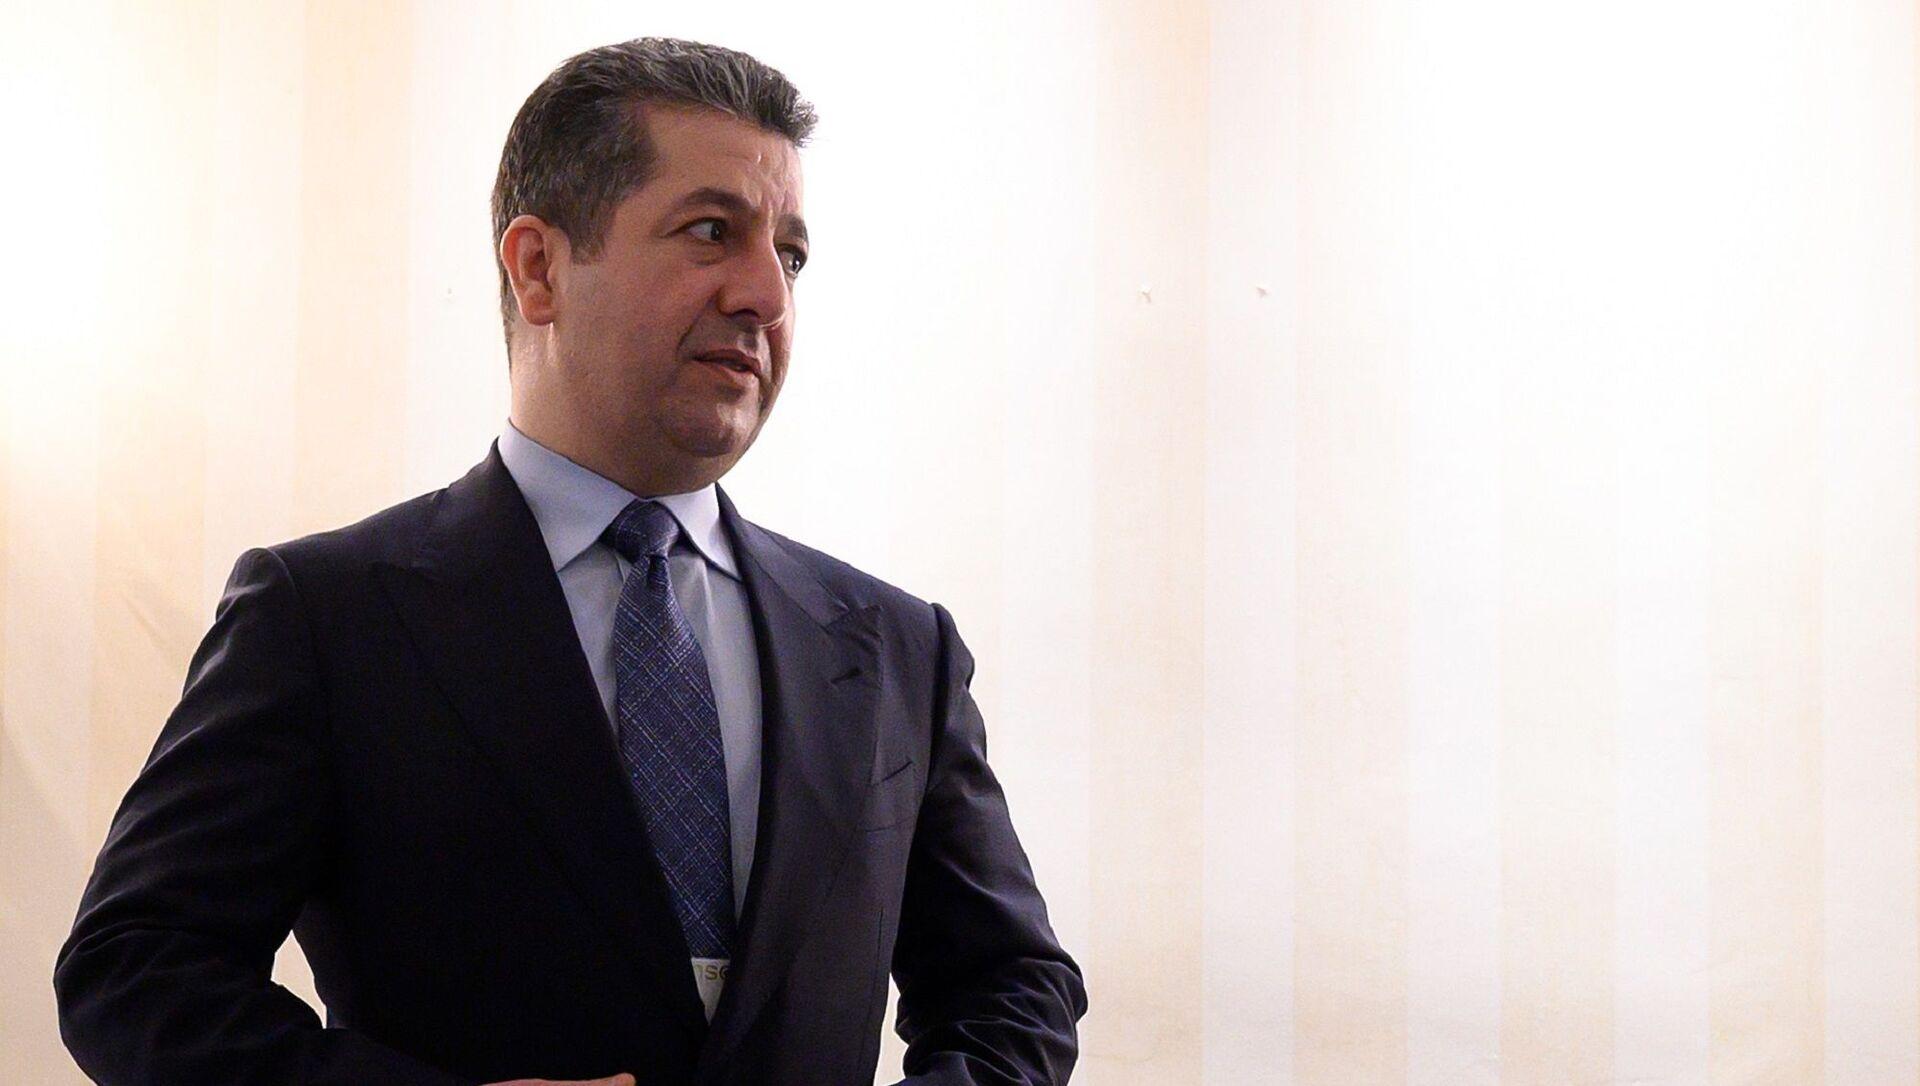 Irak Kürt Bölgesel Yönetimi (IKBY) Başbakanı Mesrur Barzani - Sputnik Türkiye, 1920, 15.04.2021